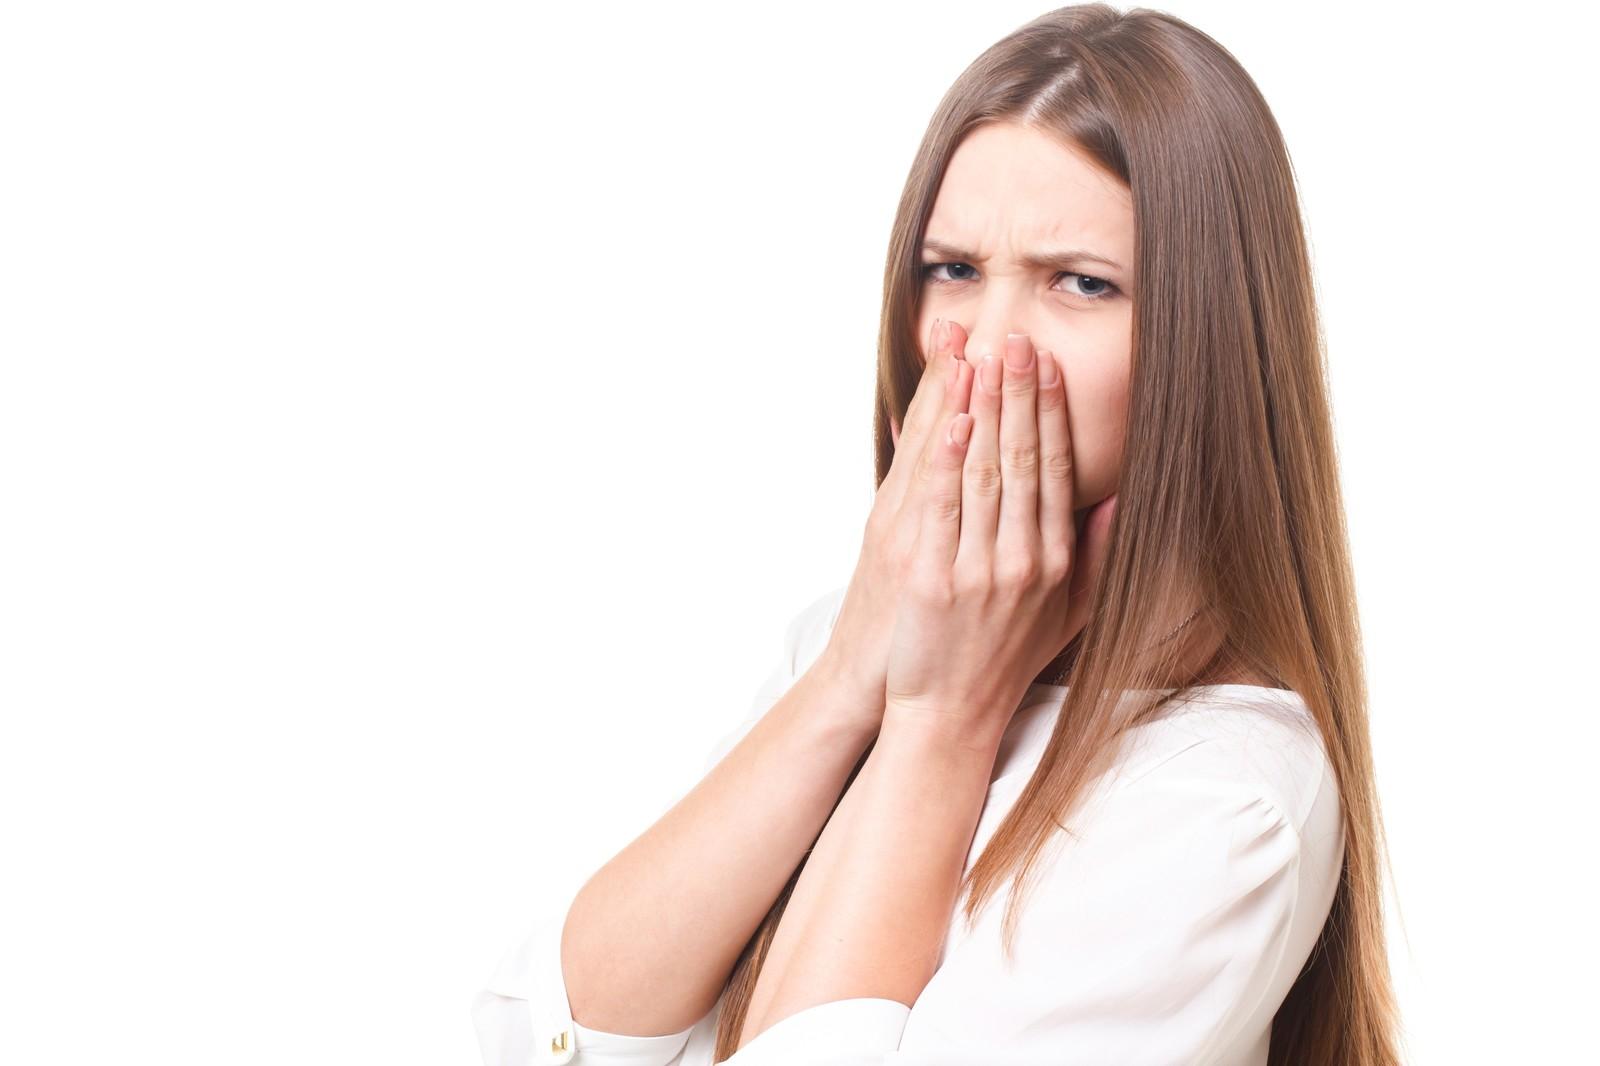 鼻が曲がるような体臭を改善するための9つの方法